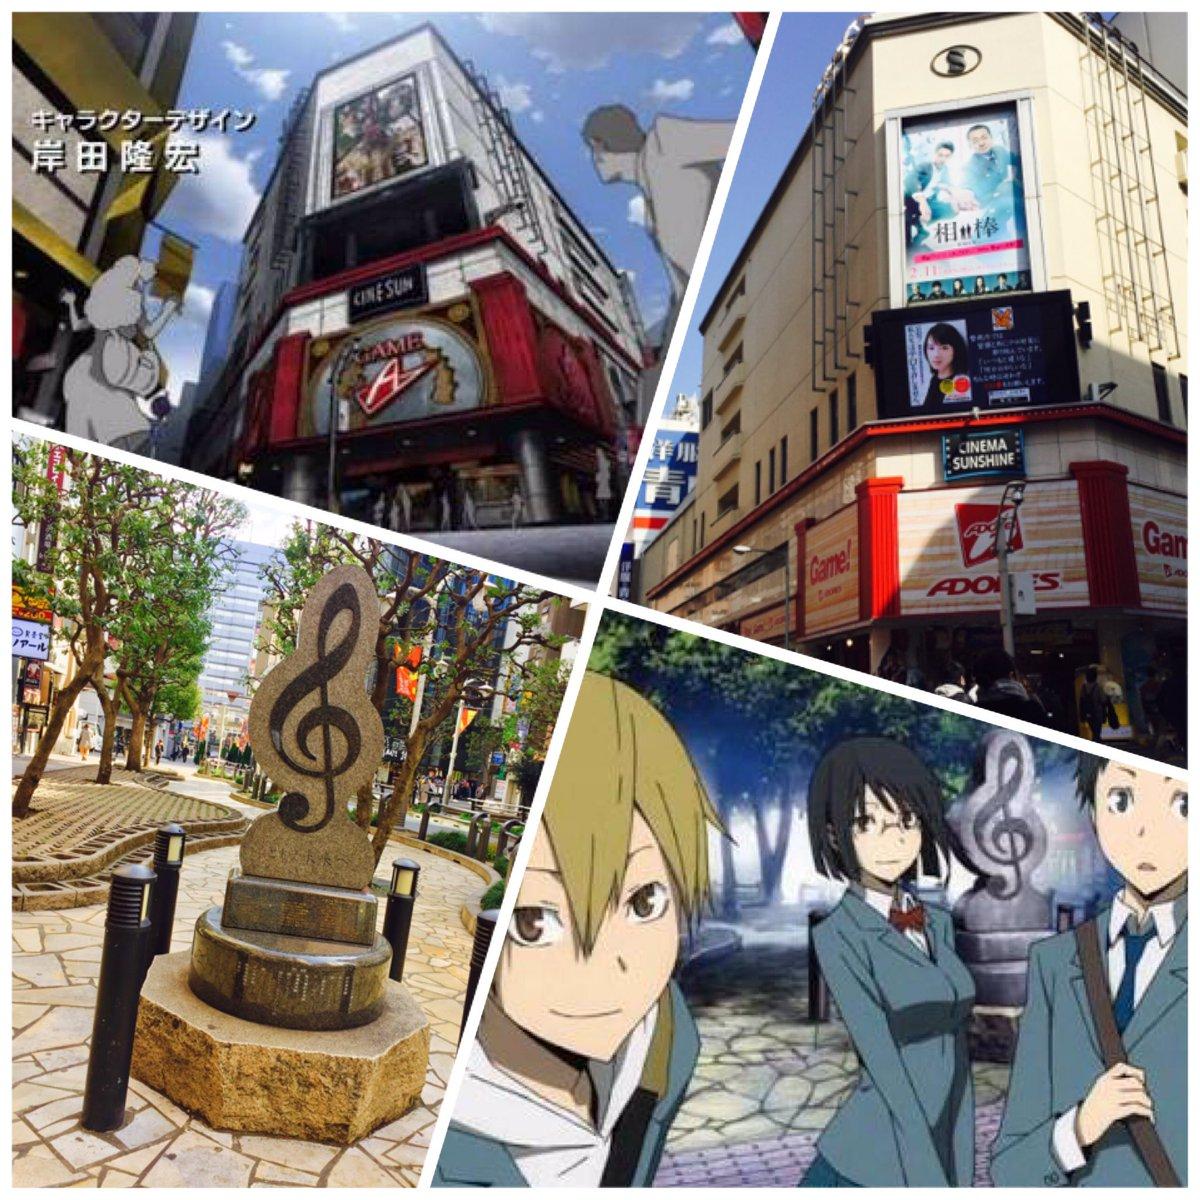 池袋った日記デュラララ!!聖地巡り☆アニメで出てくる場所行けてほんま興奮したわ😭😭なかなか同じに撮れたんちゃう(  ´ཫ